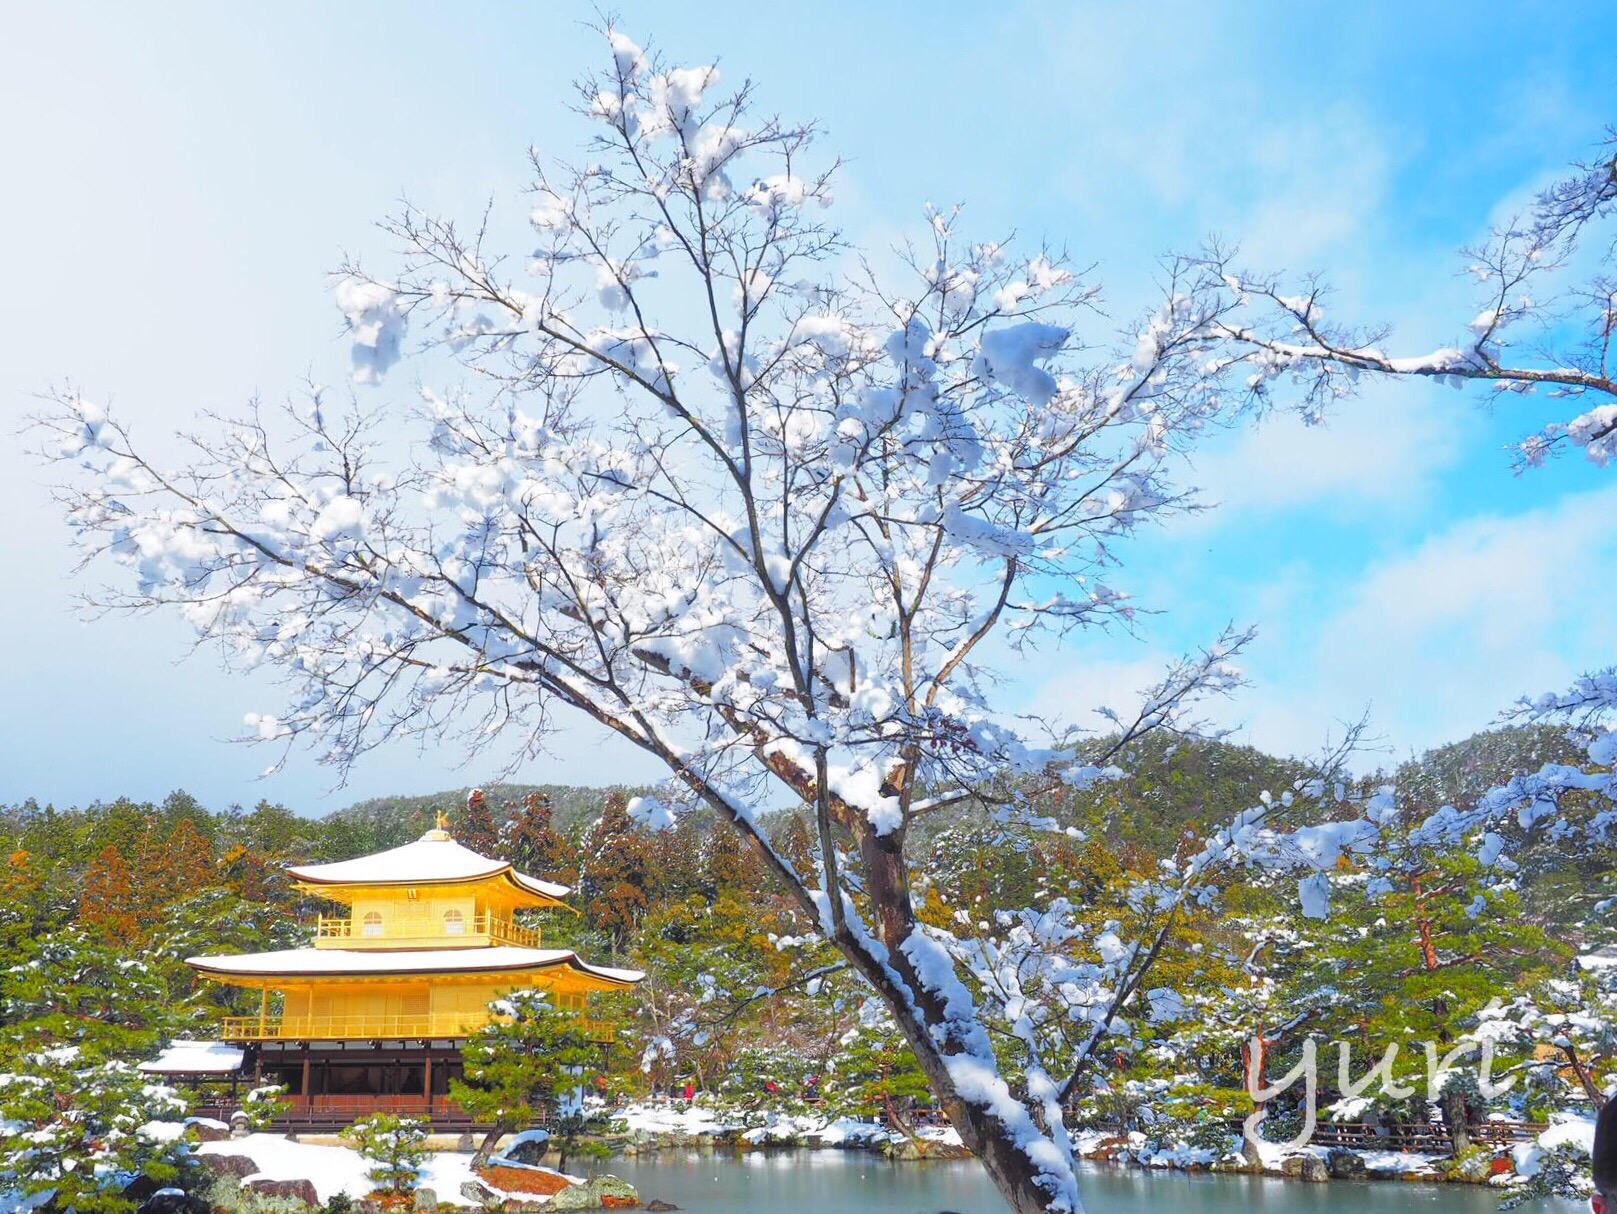 雪の京都に行ってきました②金閣寺